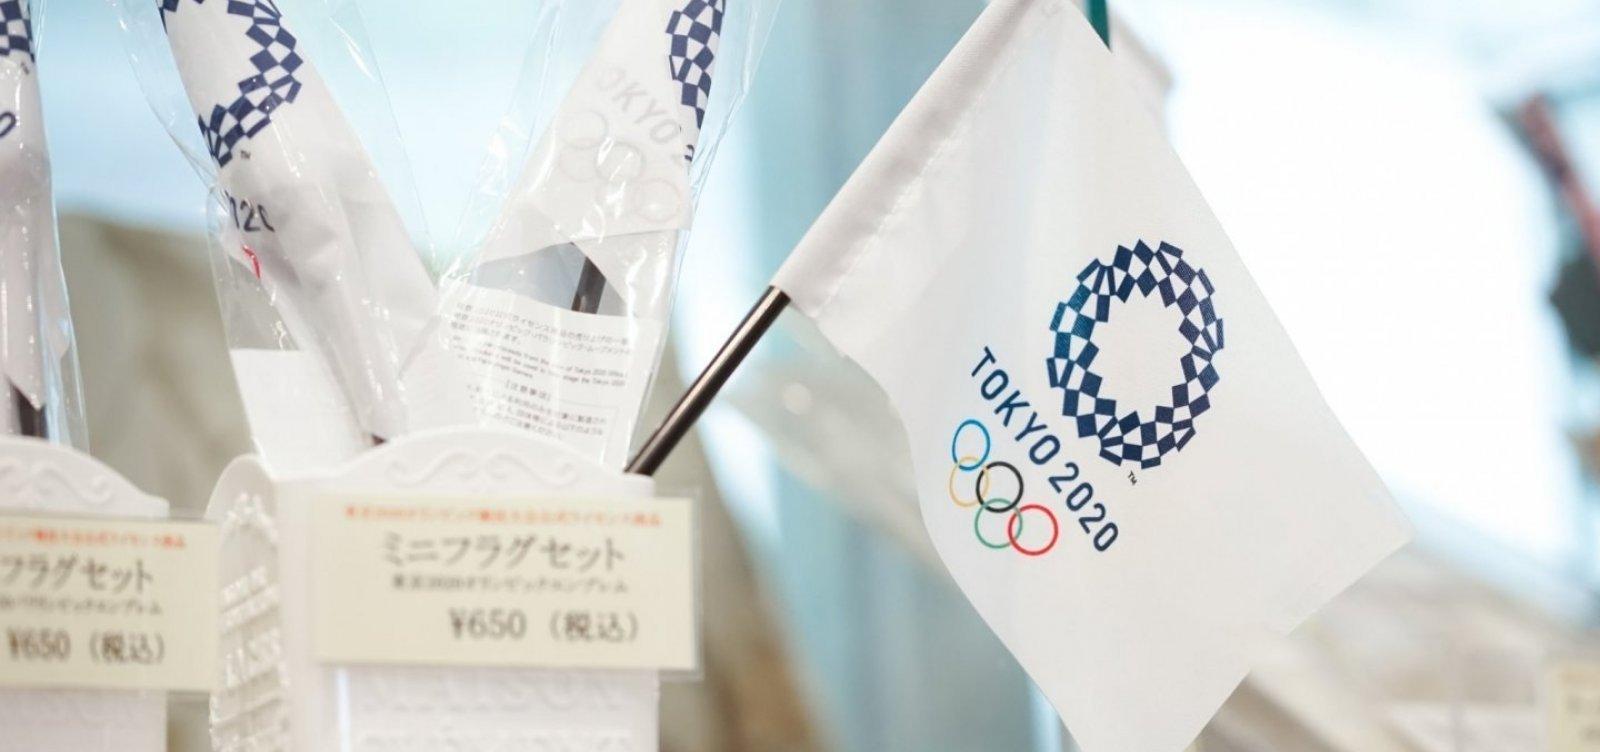 Ignorando piora da pandemia, COI confirma Jogos Olímpicos para julho